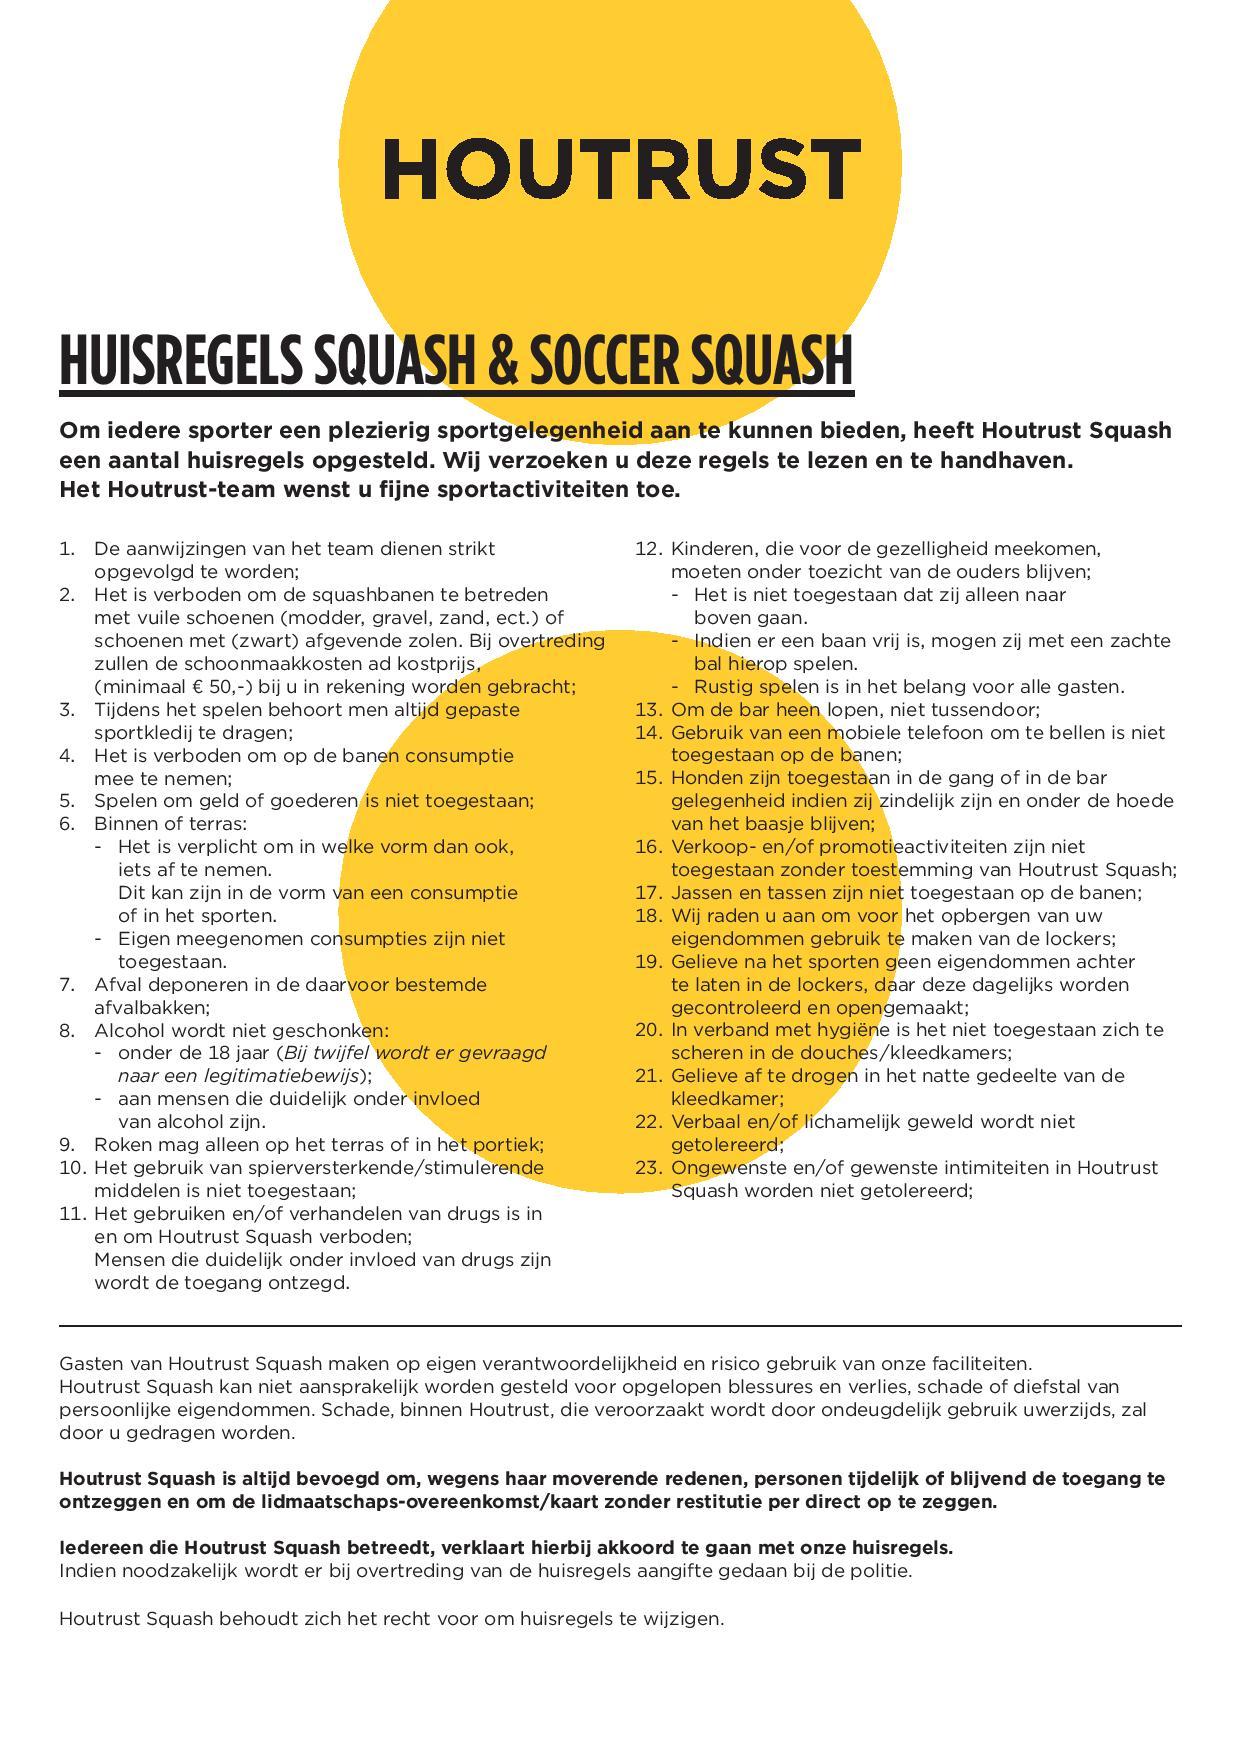 HUISREGLEMENT-SQUASH-DEC2017-DEF (1)-page-001